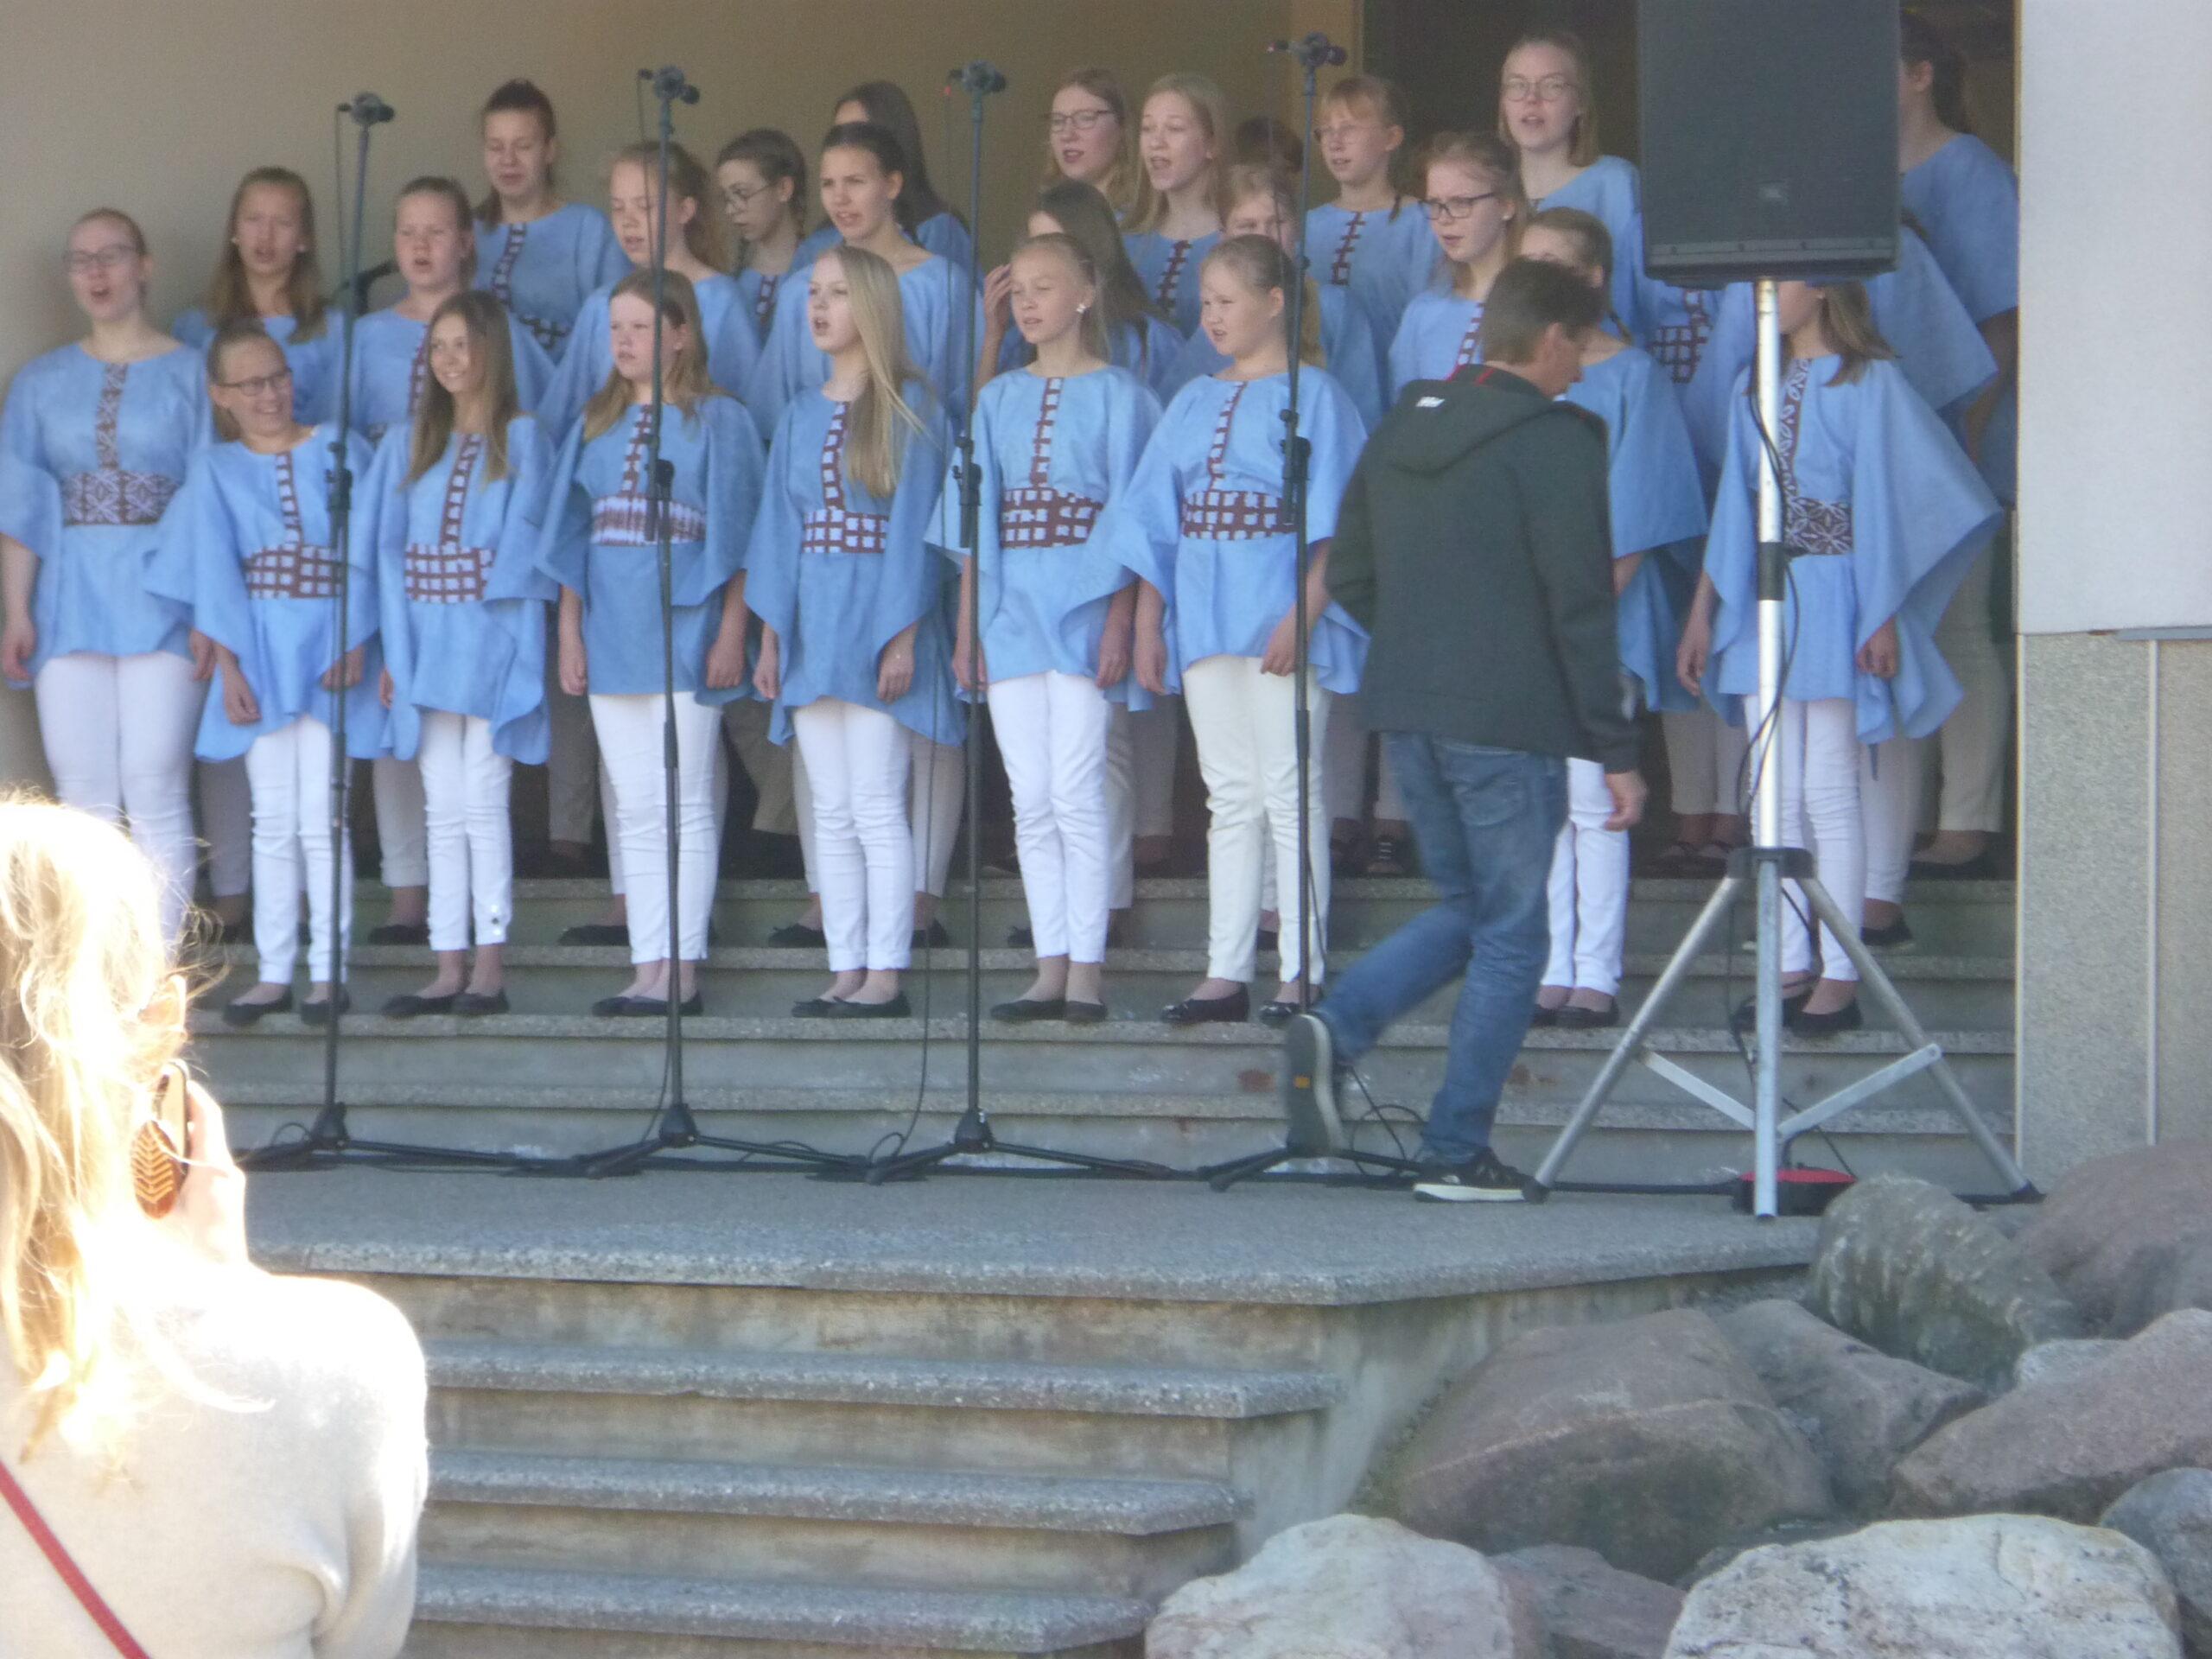 Nurmijärvi neidude koor Laululuiged 1 (3)